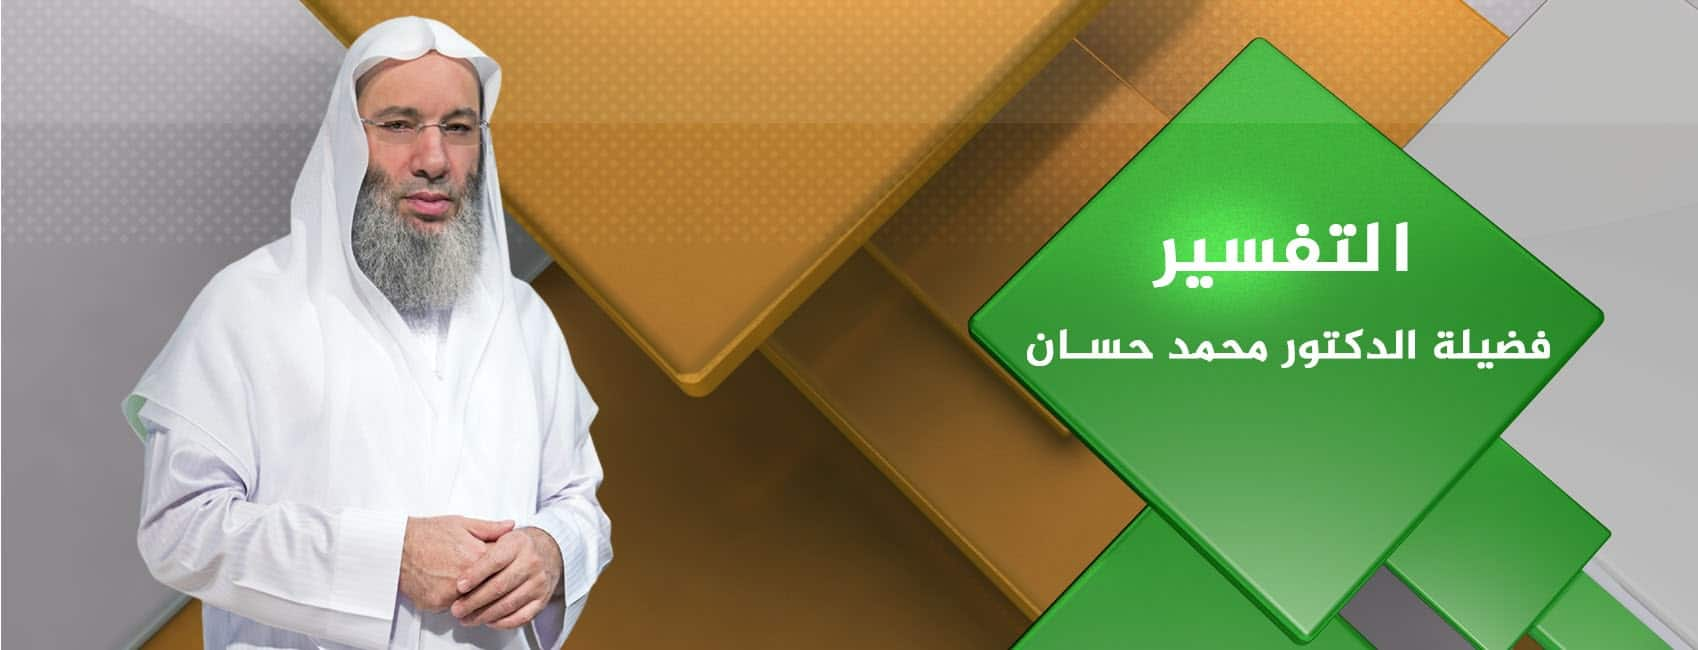 التفسير فضيلة الشيخ الدكتور محمد حسان